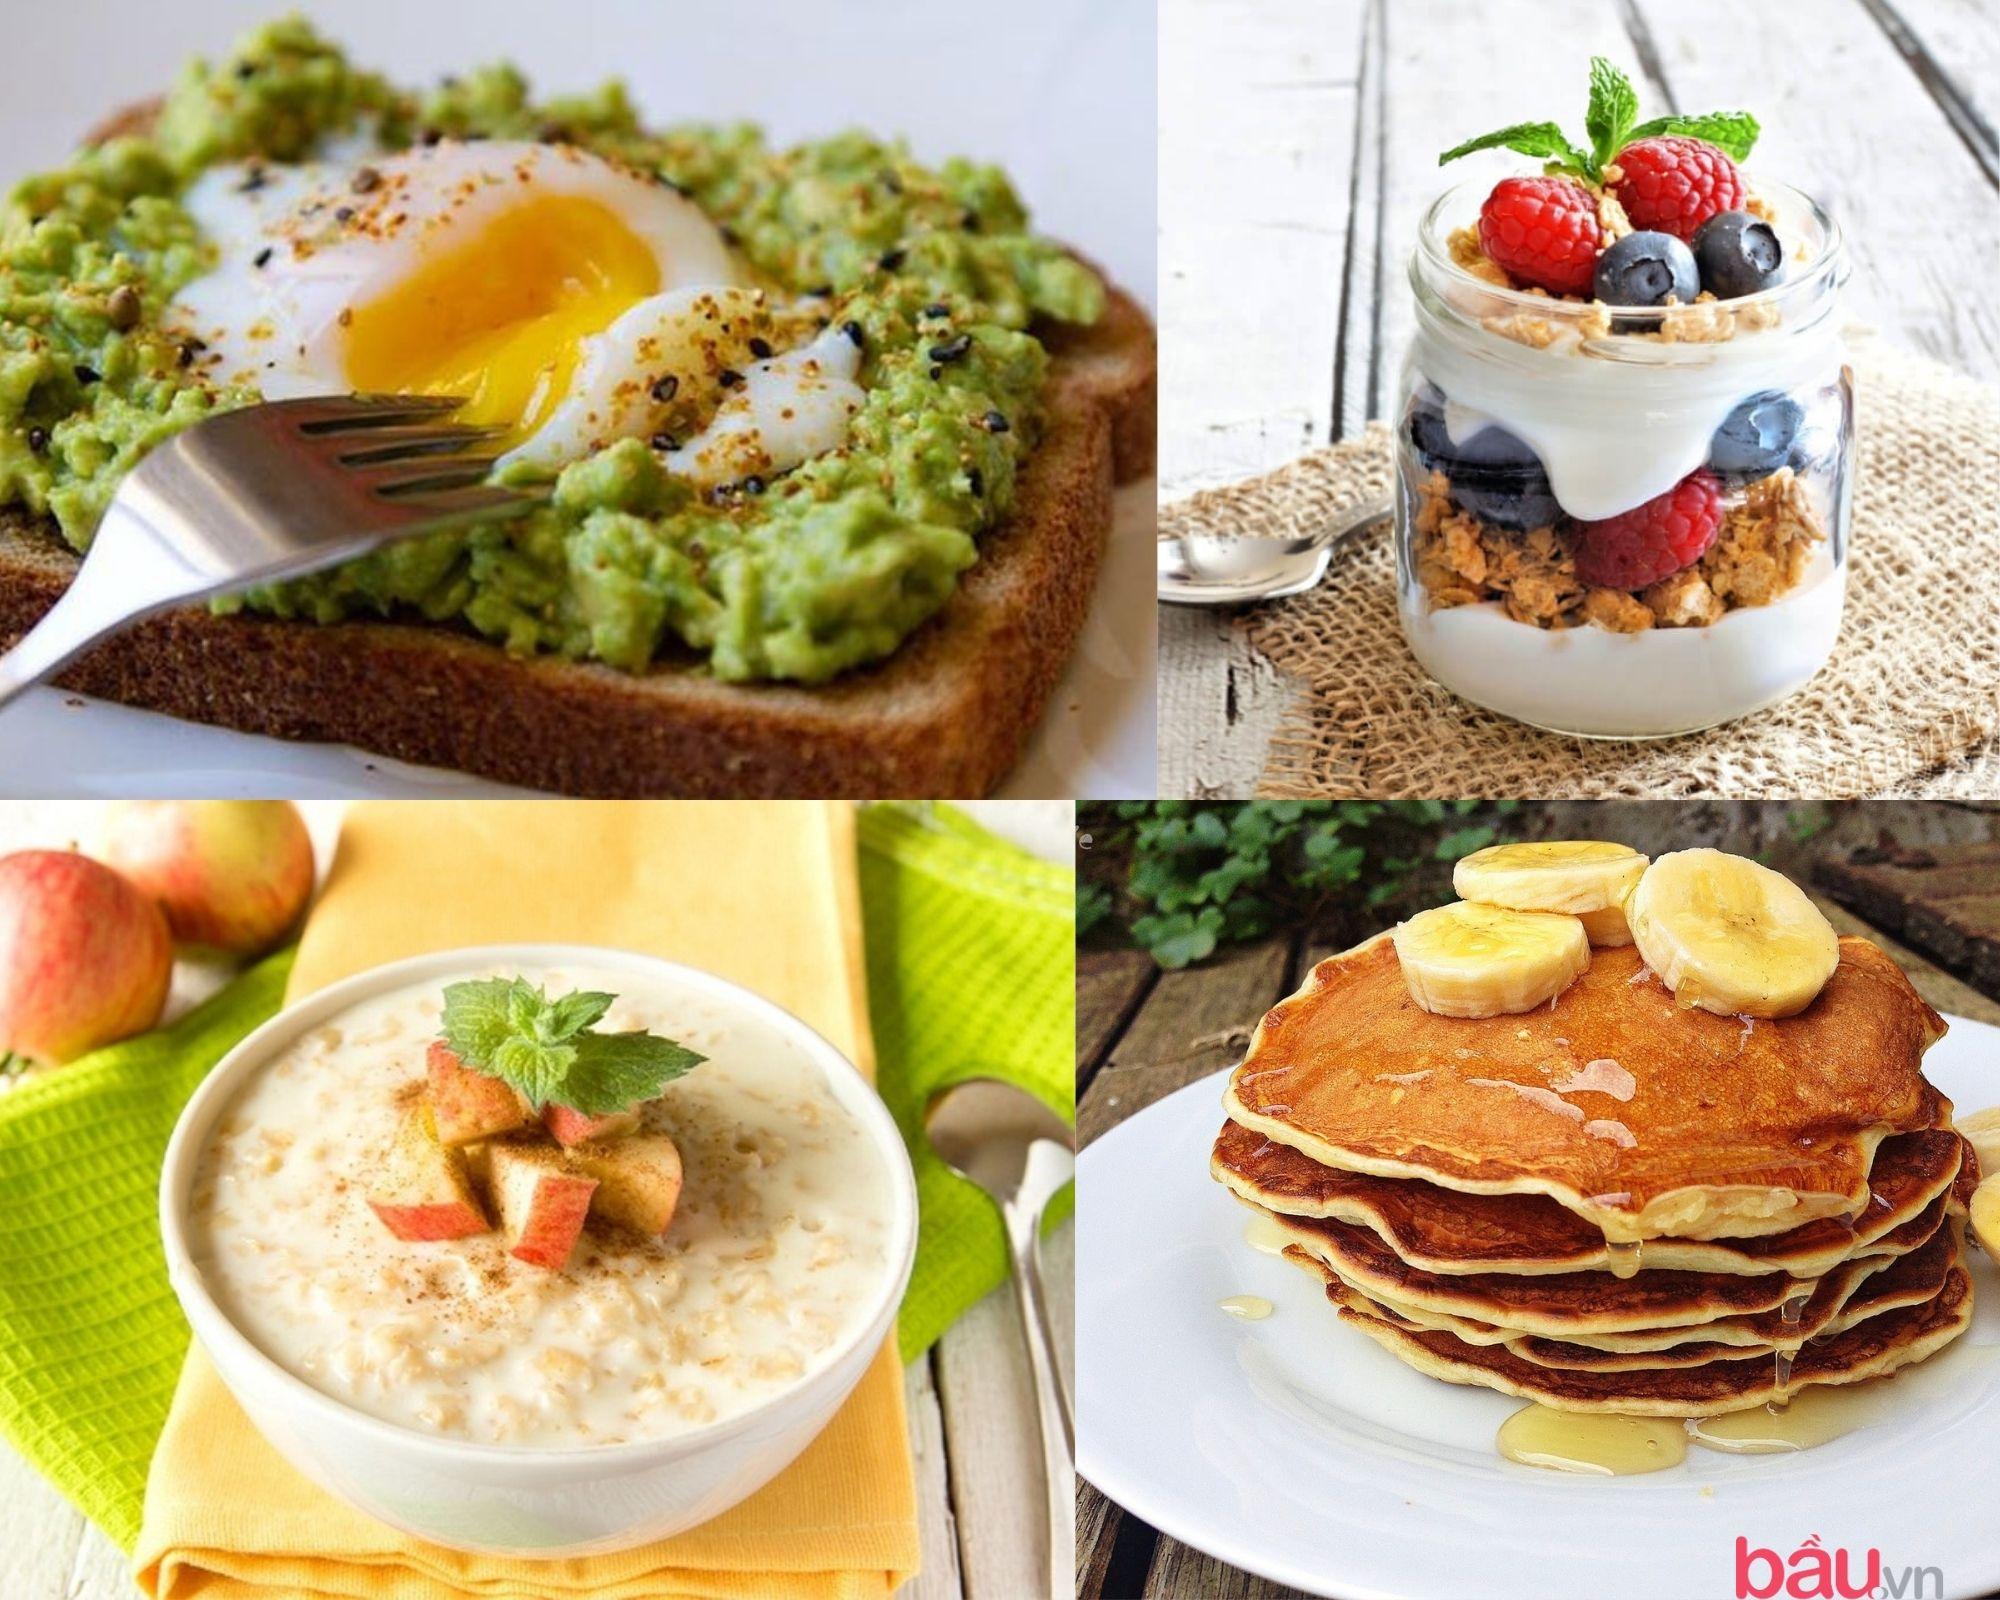 Gợi ý thực đơn cho bữa sáng healthy dành cho gia đình bạn